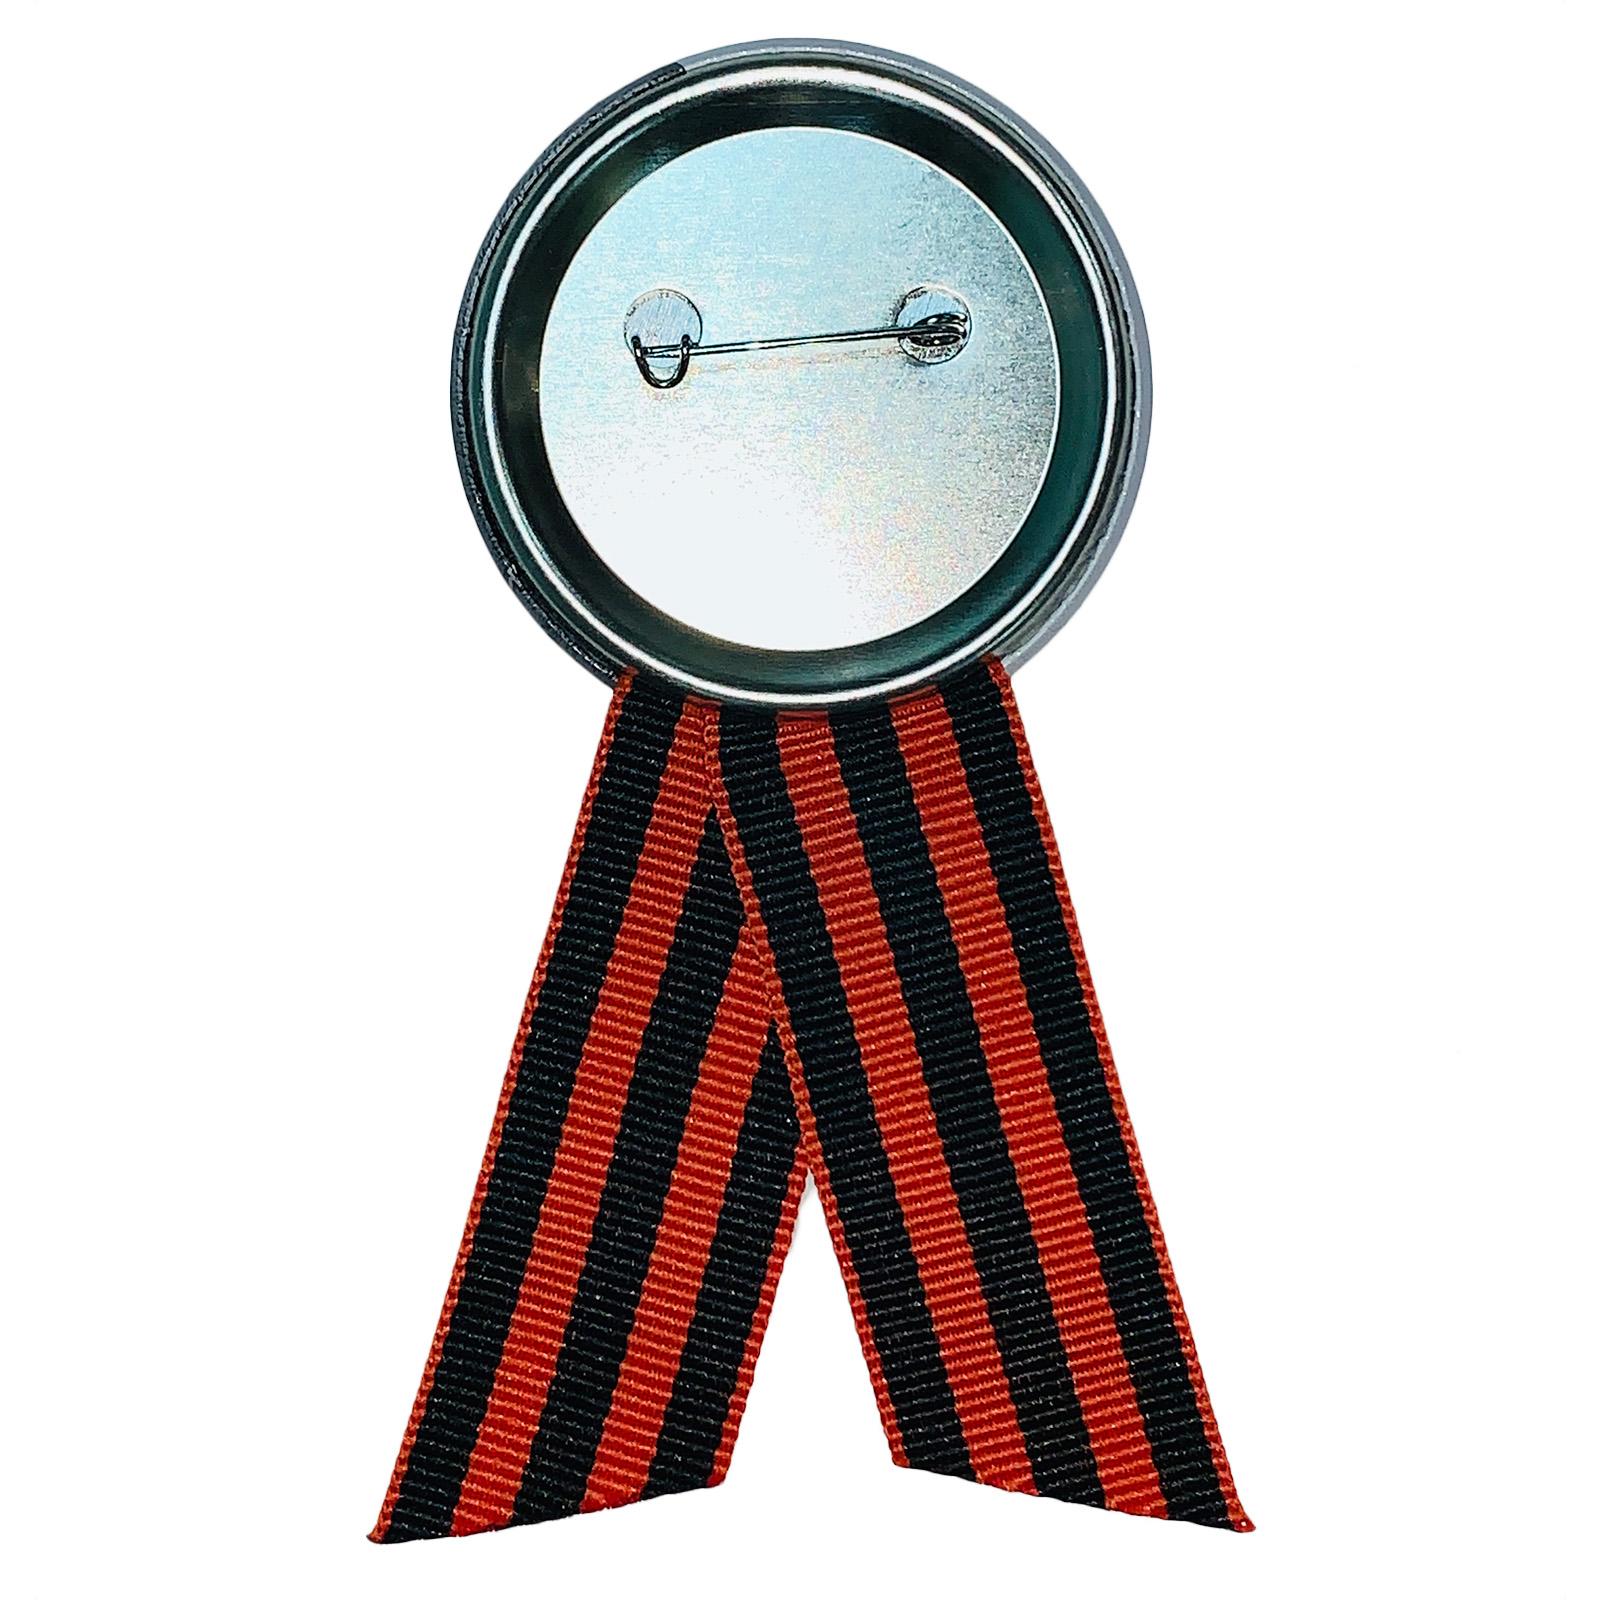 Значок на 75 лет Победы «За Родину! За Сталина!» - булавочное крепление